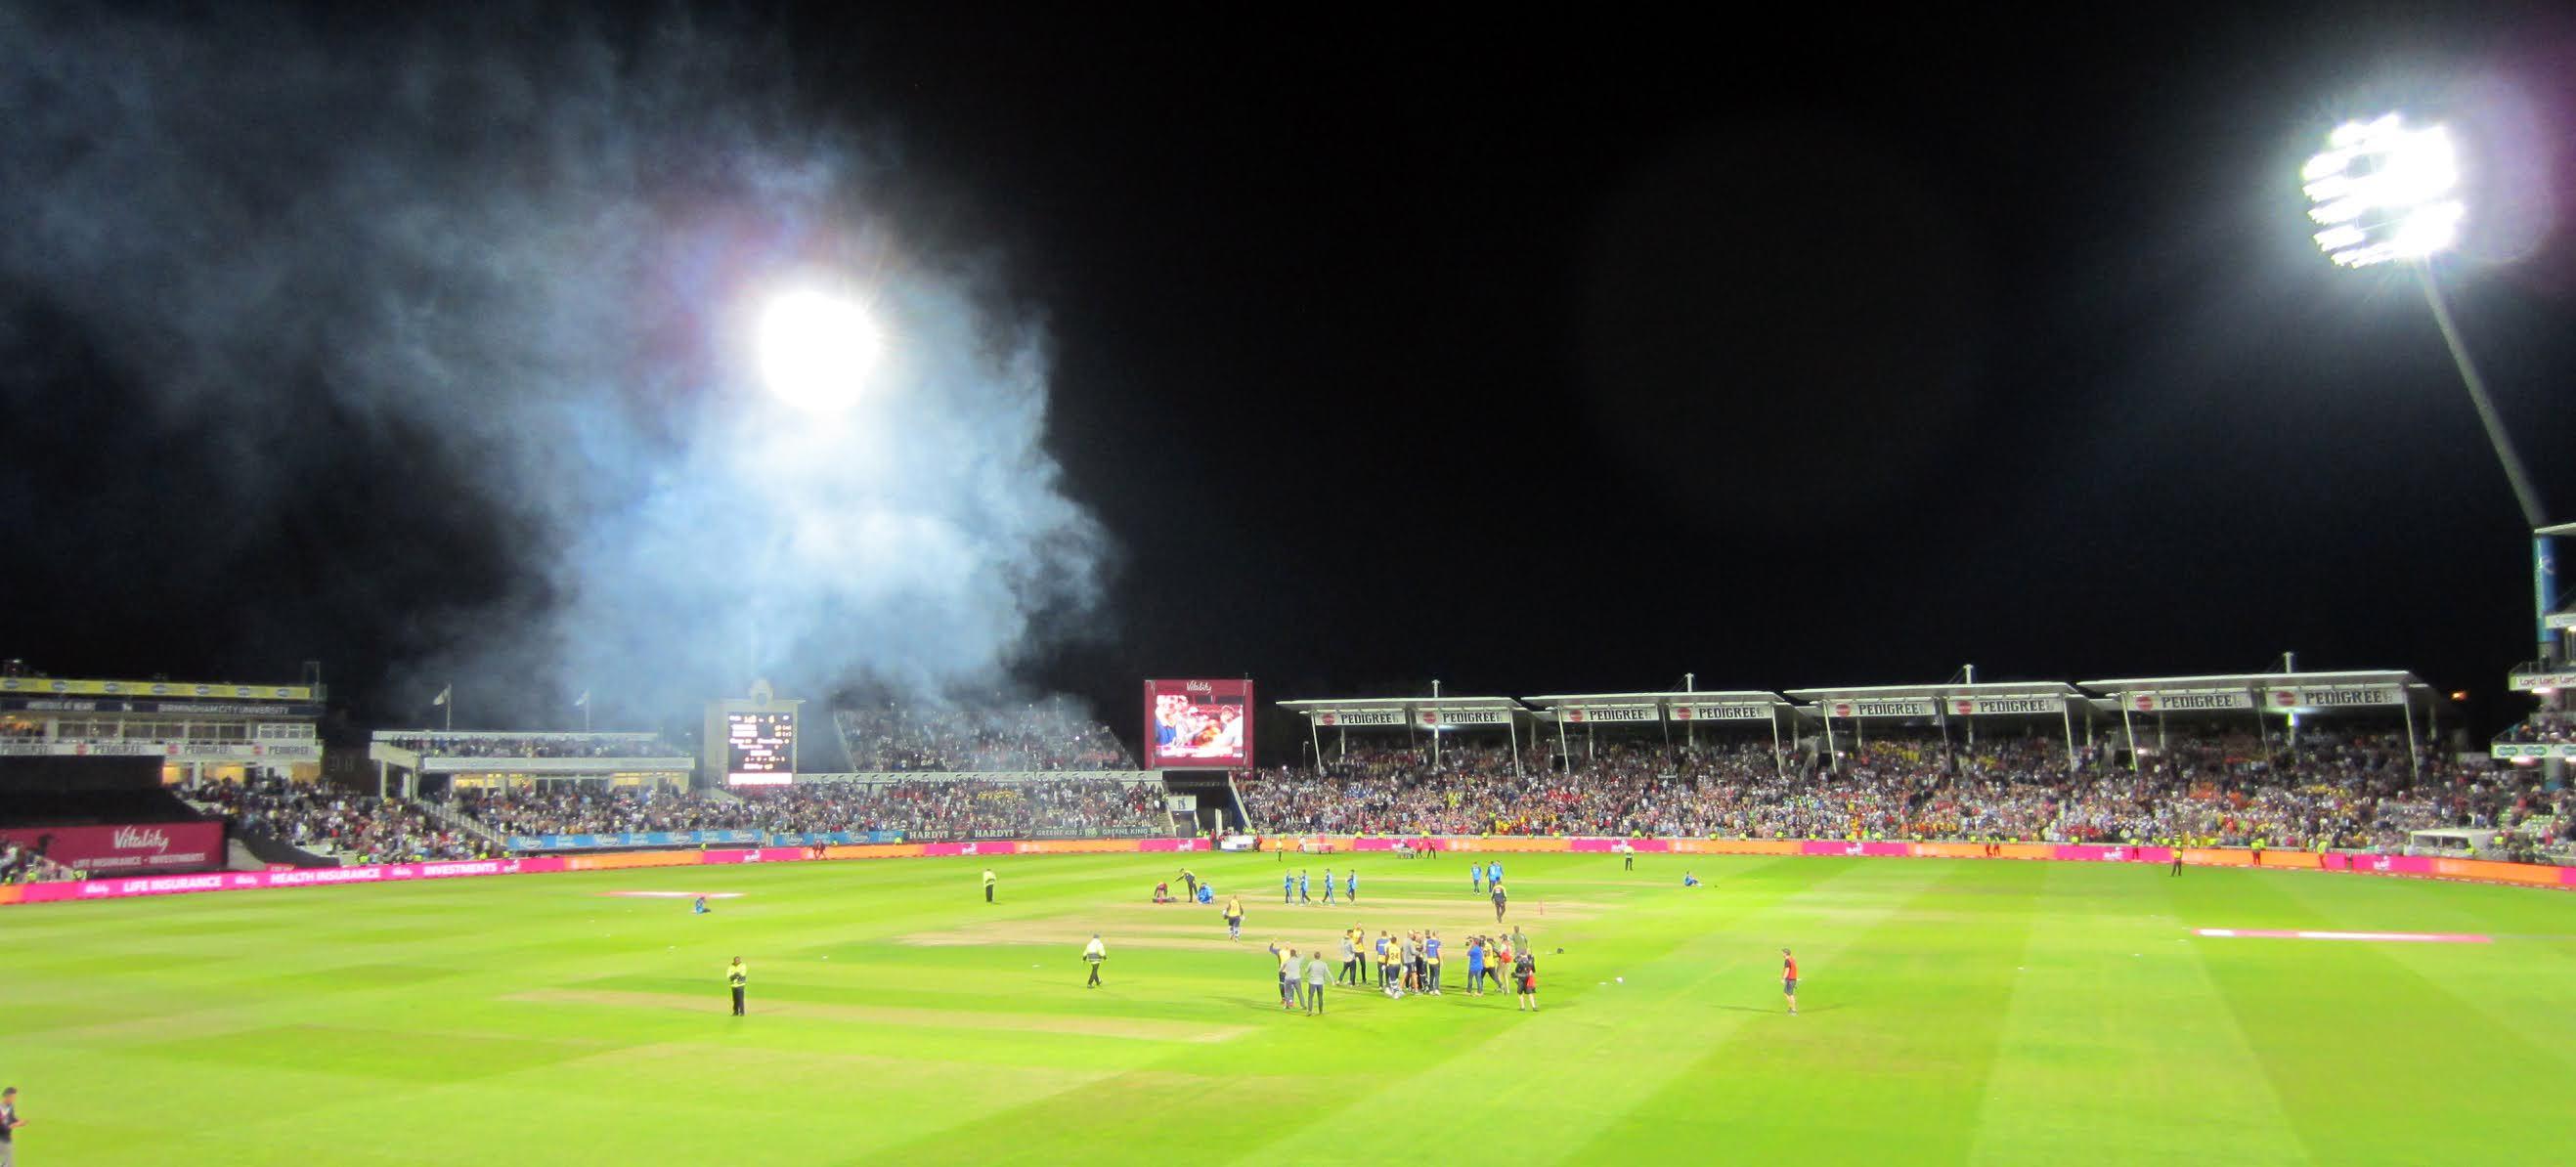 Edgbaston Stadium at night